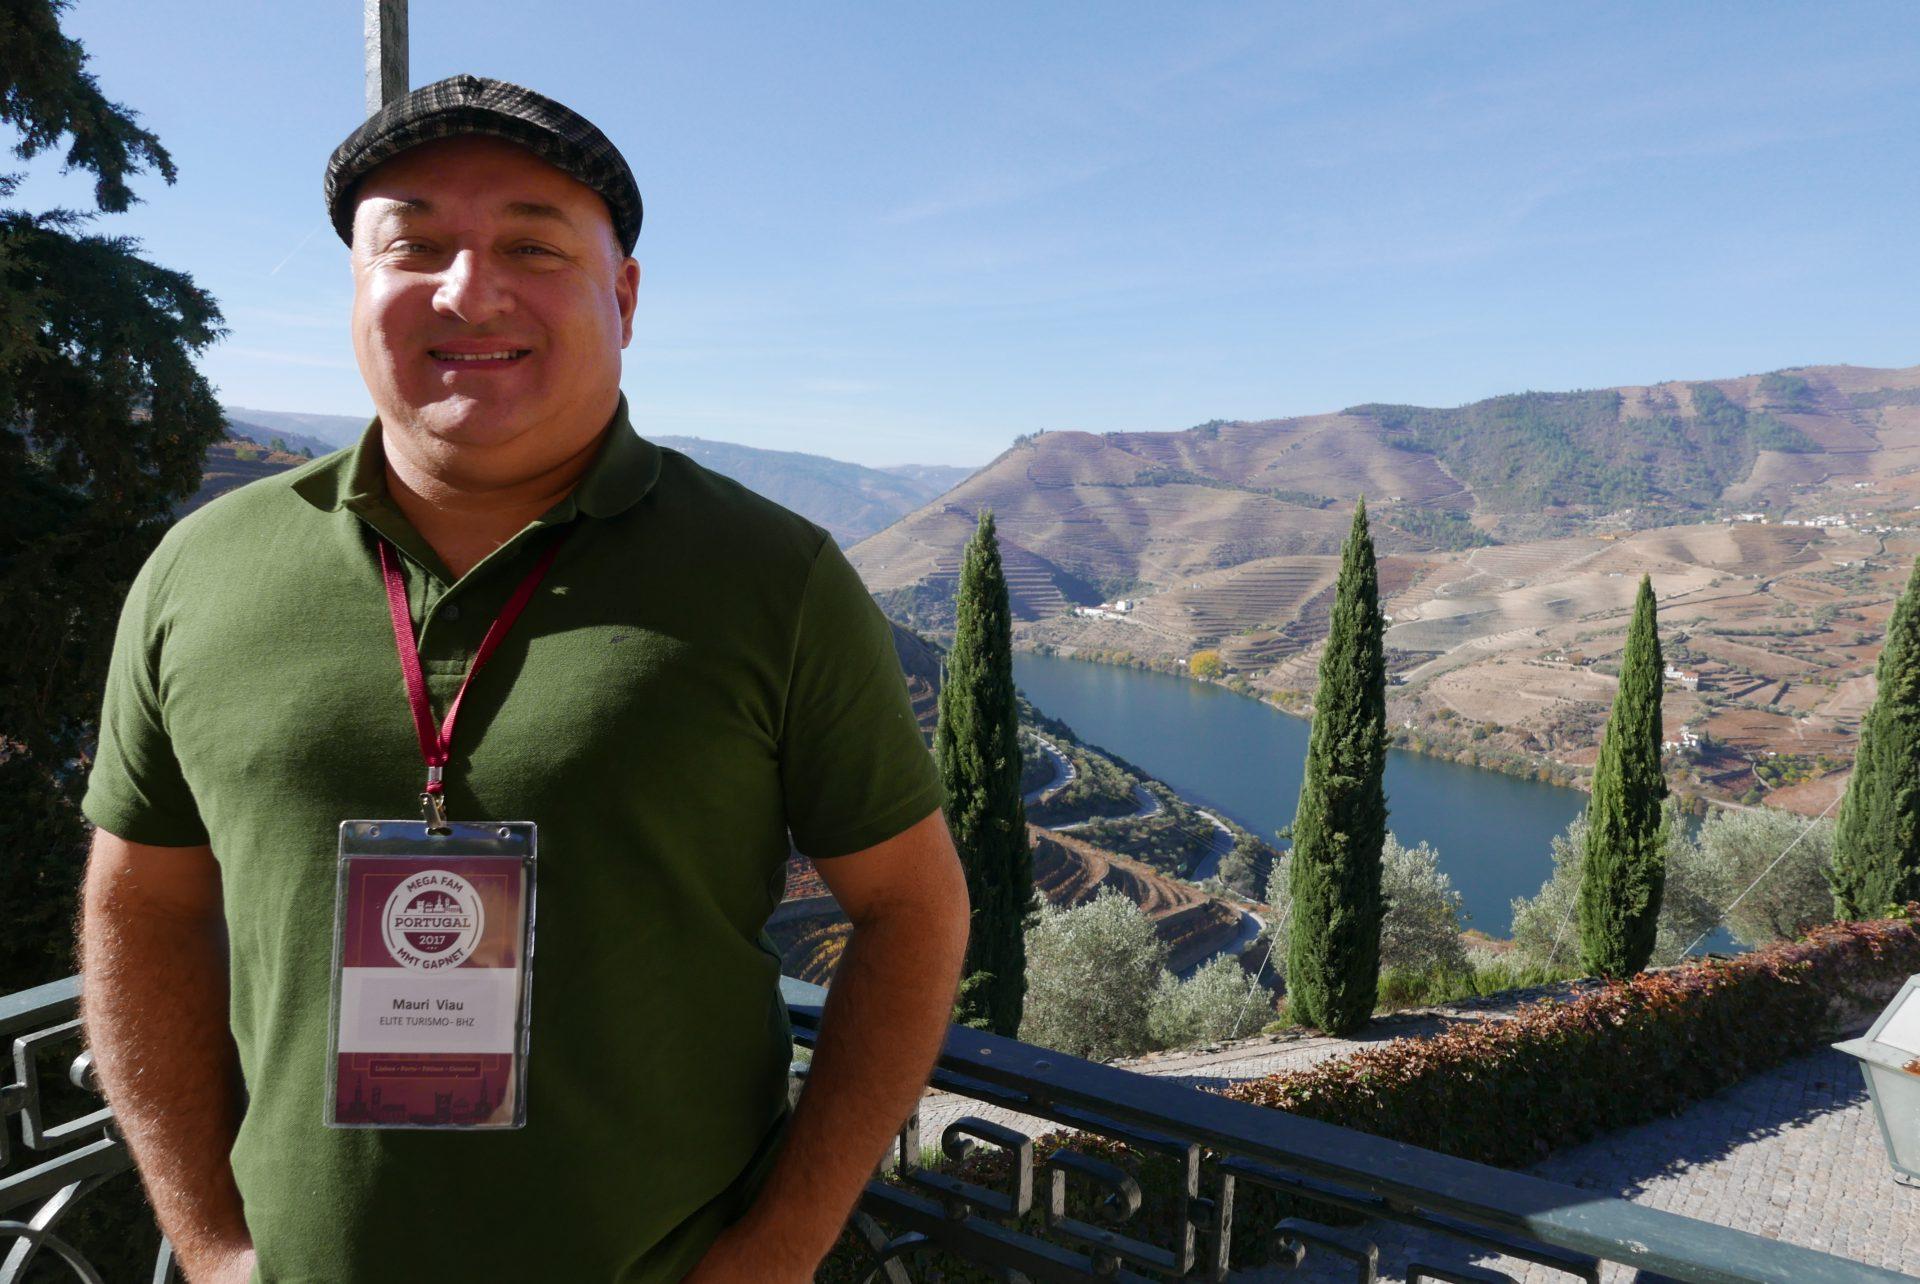 Mauri Viau, da Elite Resorts, na Quinta dos Seixos; ao fundo, a paisagem cinematográfica da região do Douro